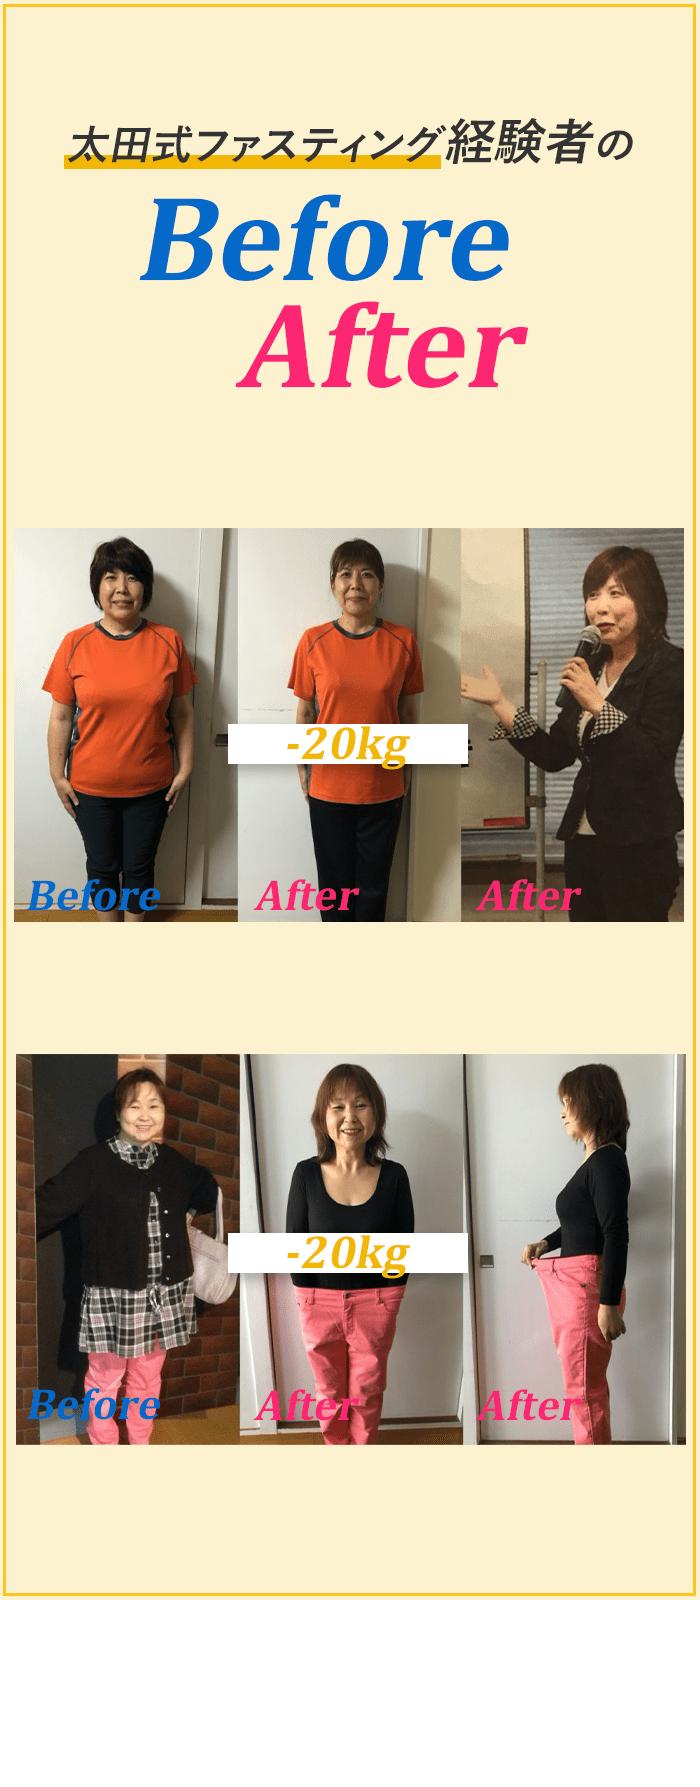 太田式ファスティング経験者のBeforeAfter